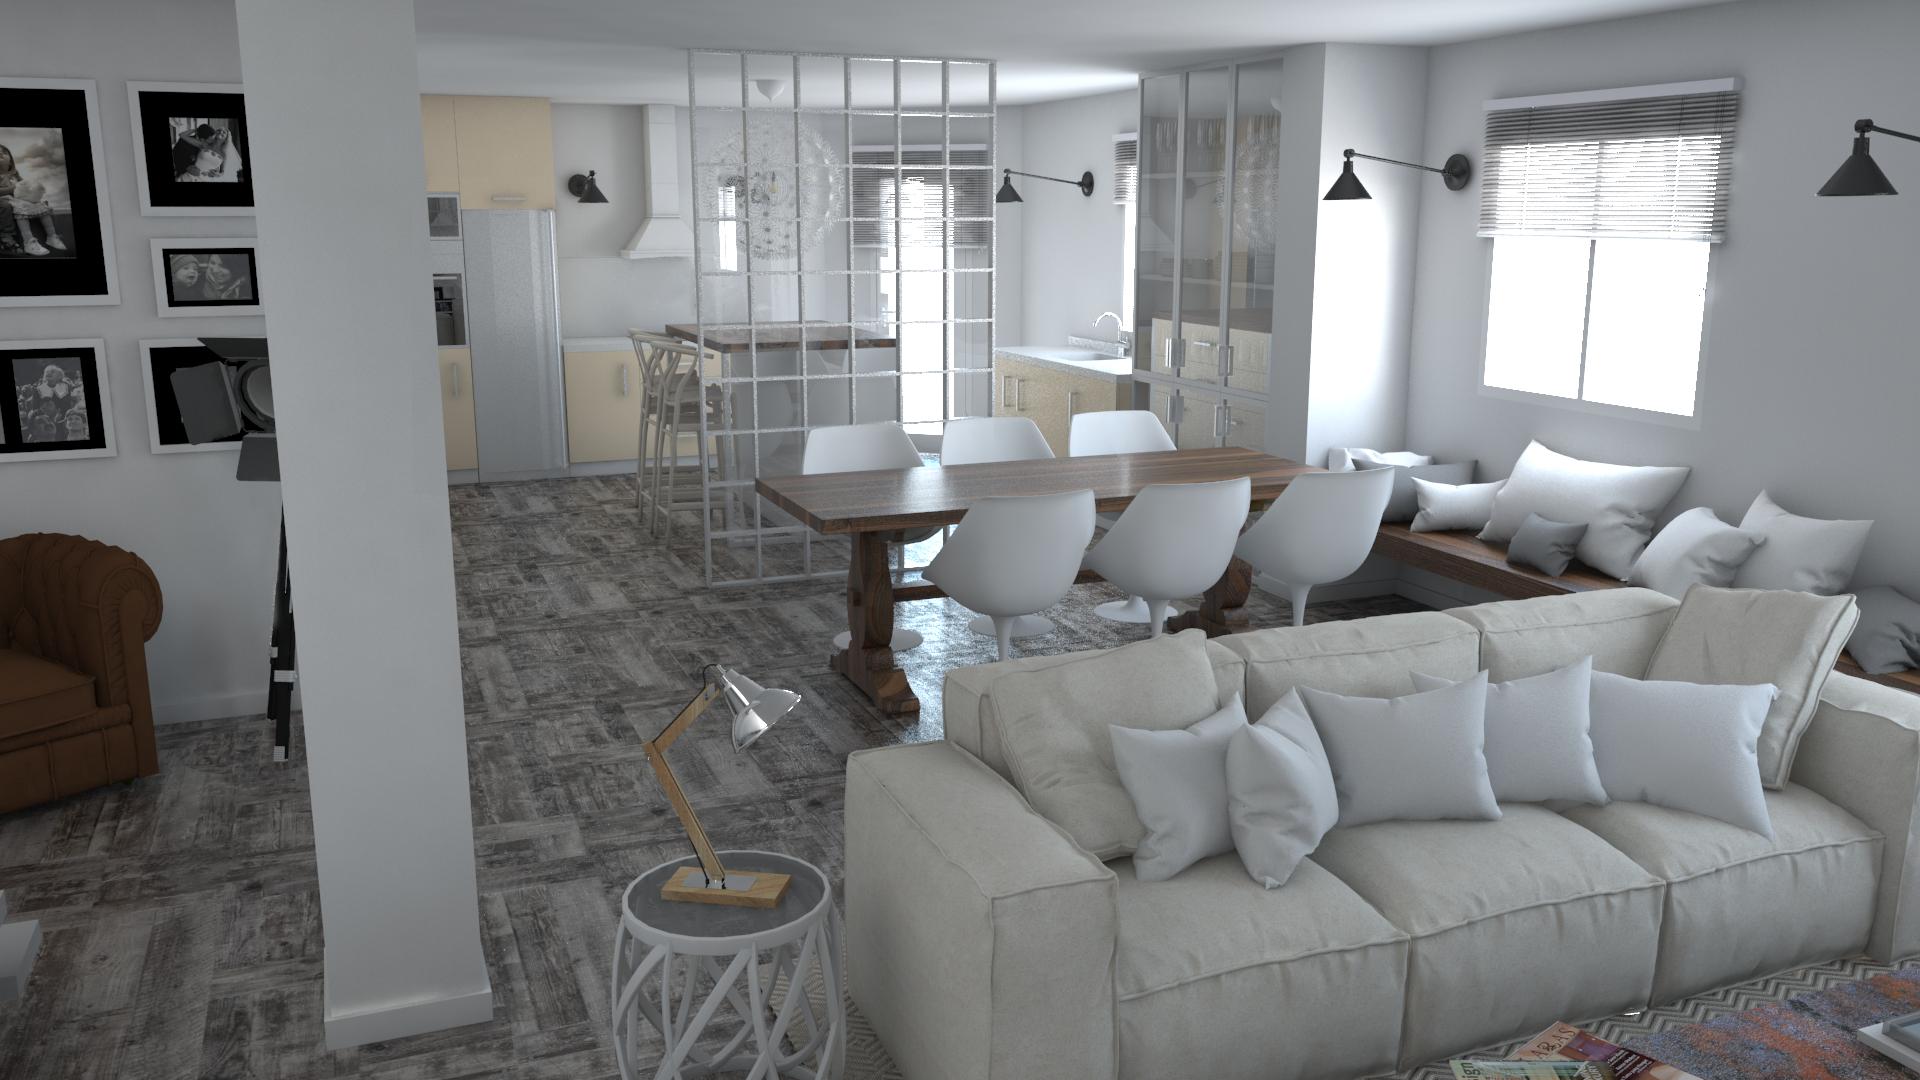 Proyecto de interiorismo y creaci n de mobiliario en una - Interiorismo granada ...